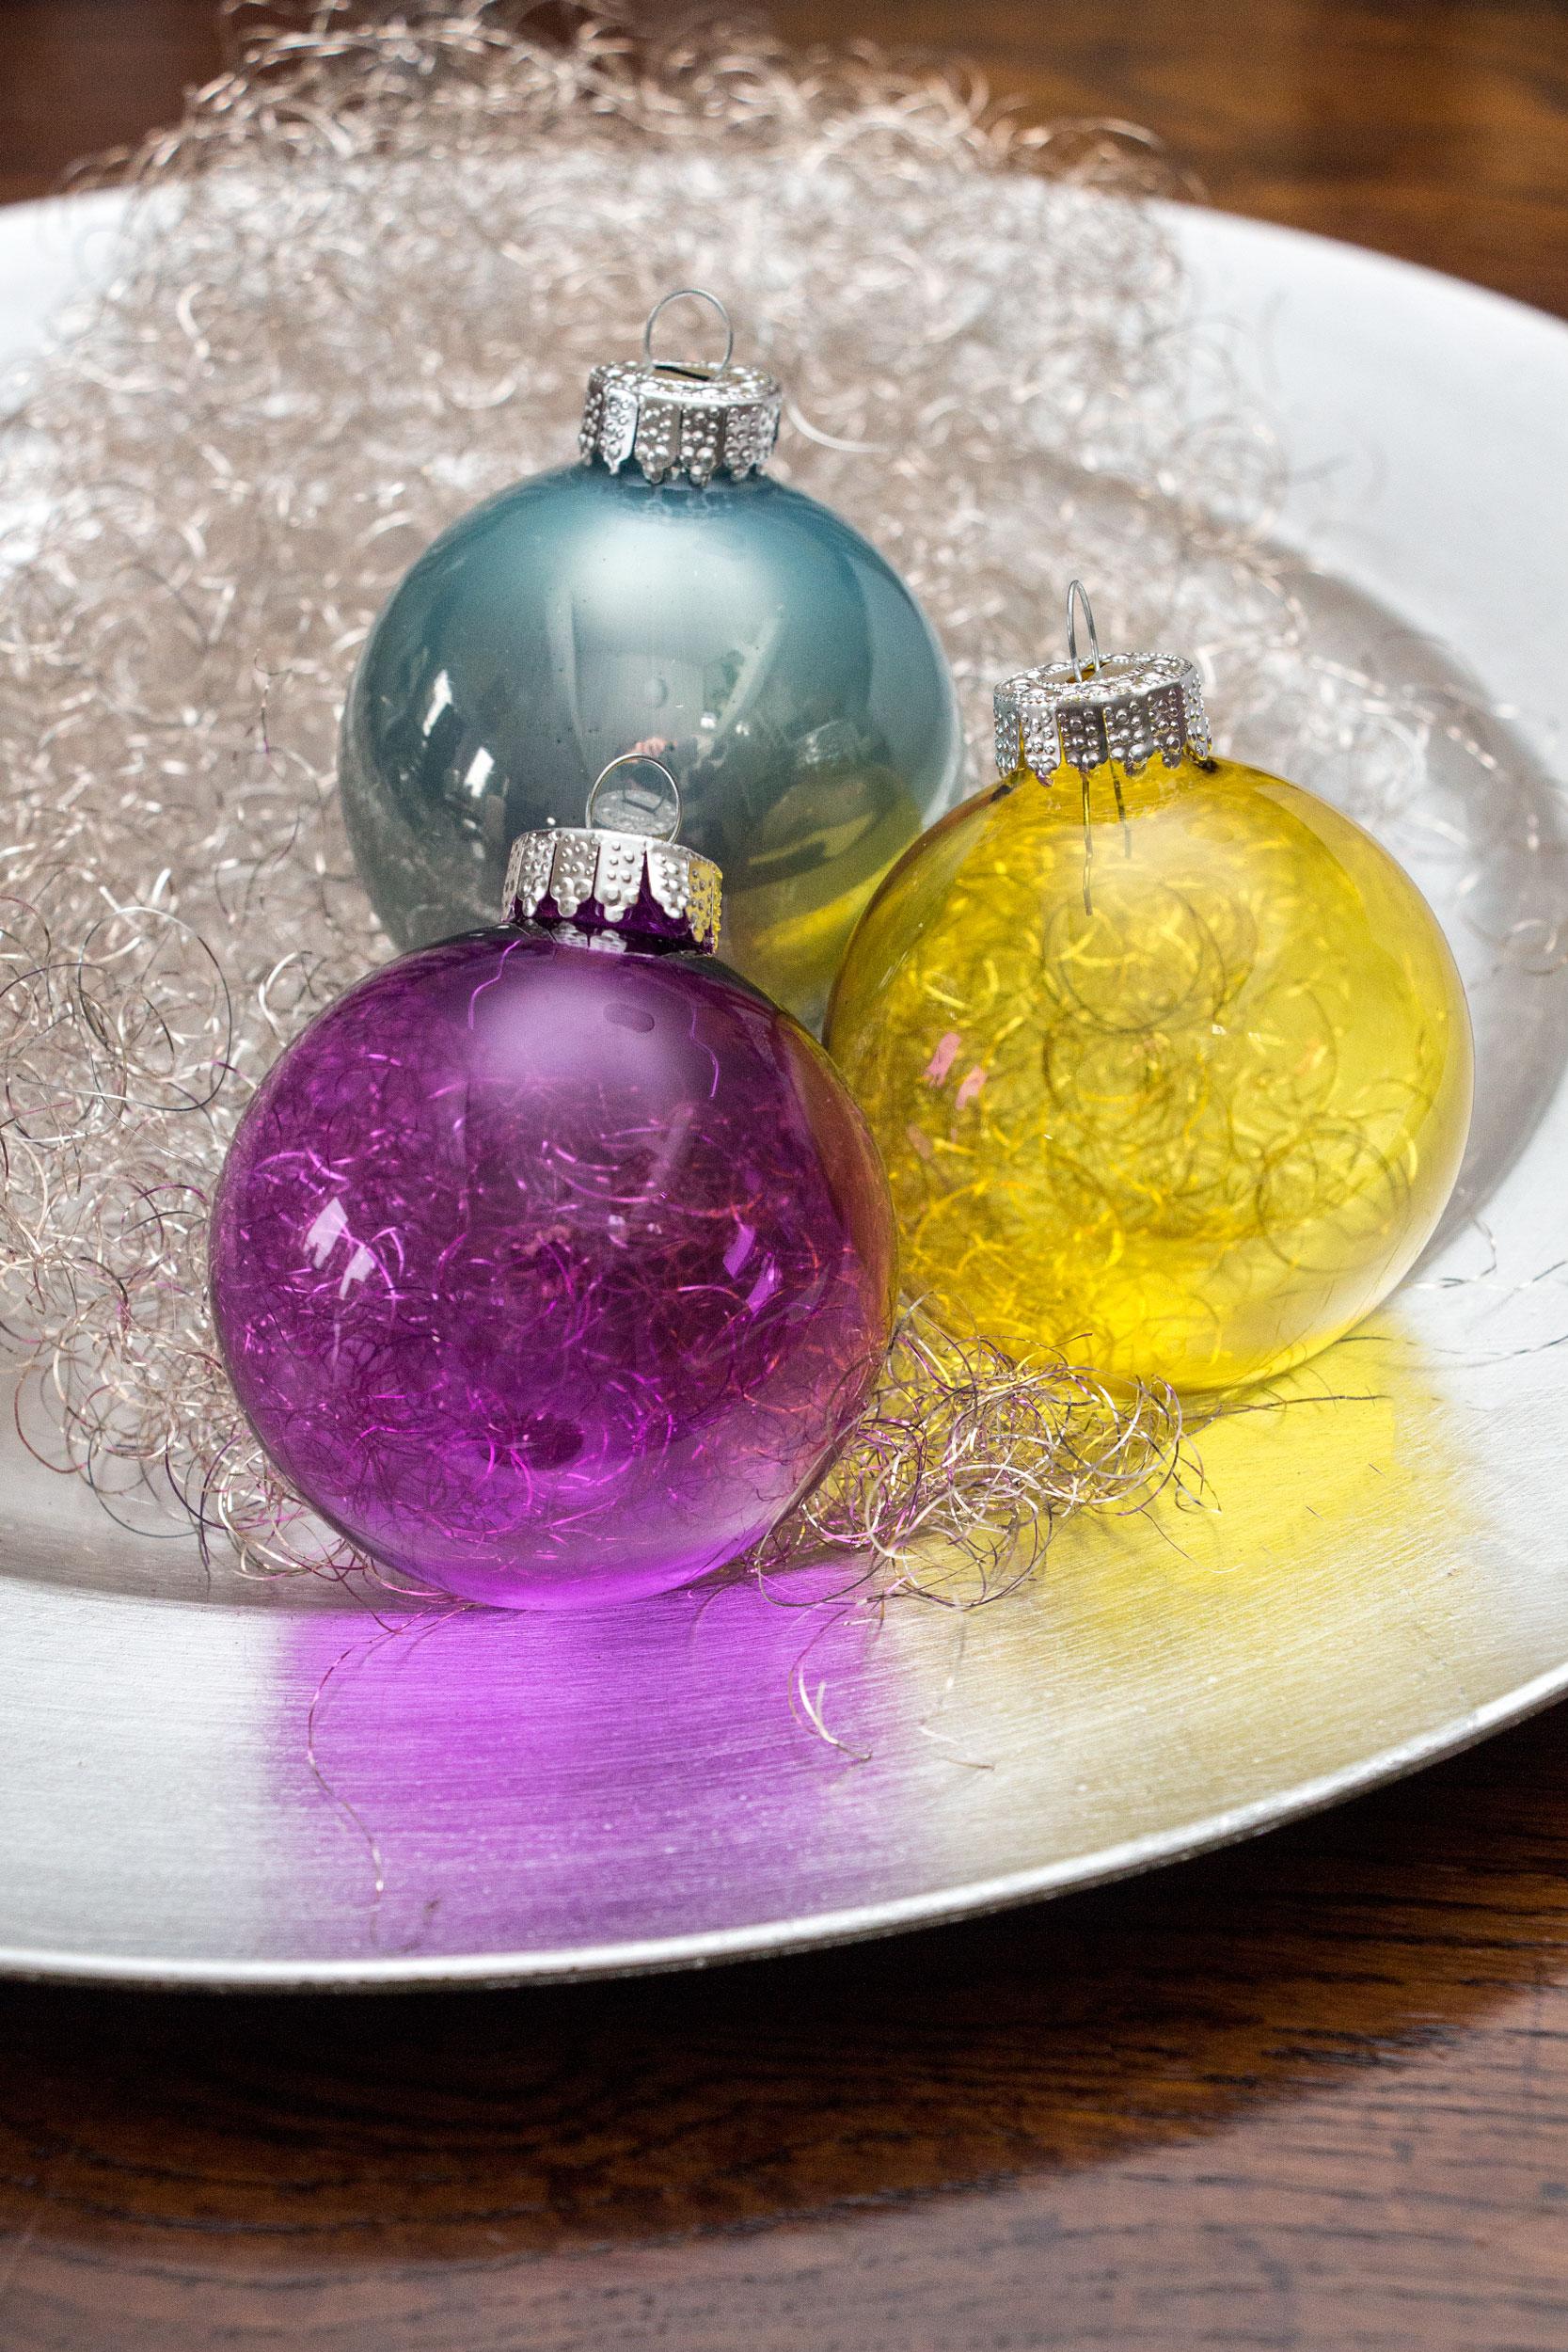 Seit Wann Gibt Es Christbaumkugeln.Weihnachtskugeln Dekoration Christbaumkugeln